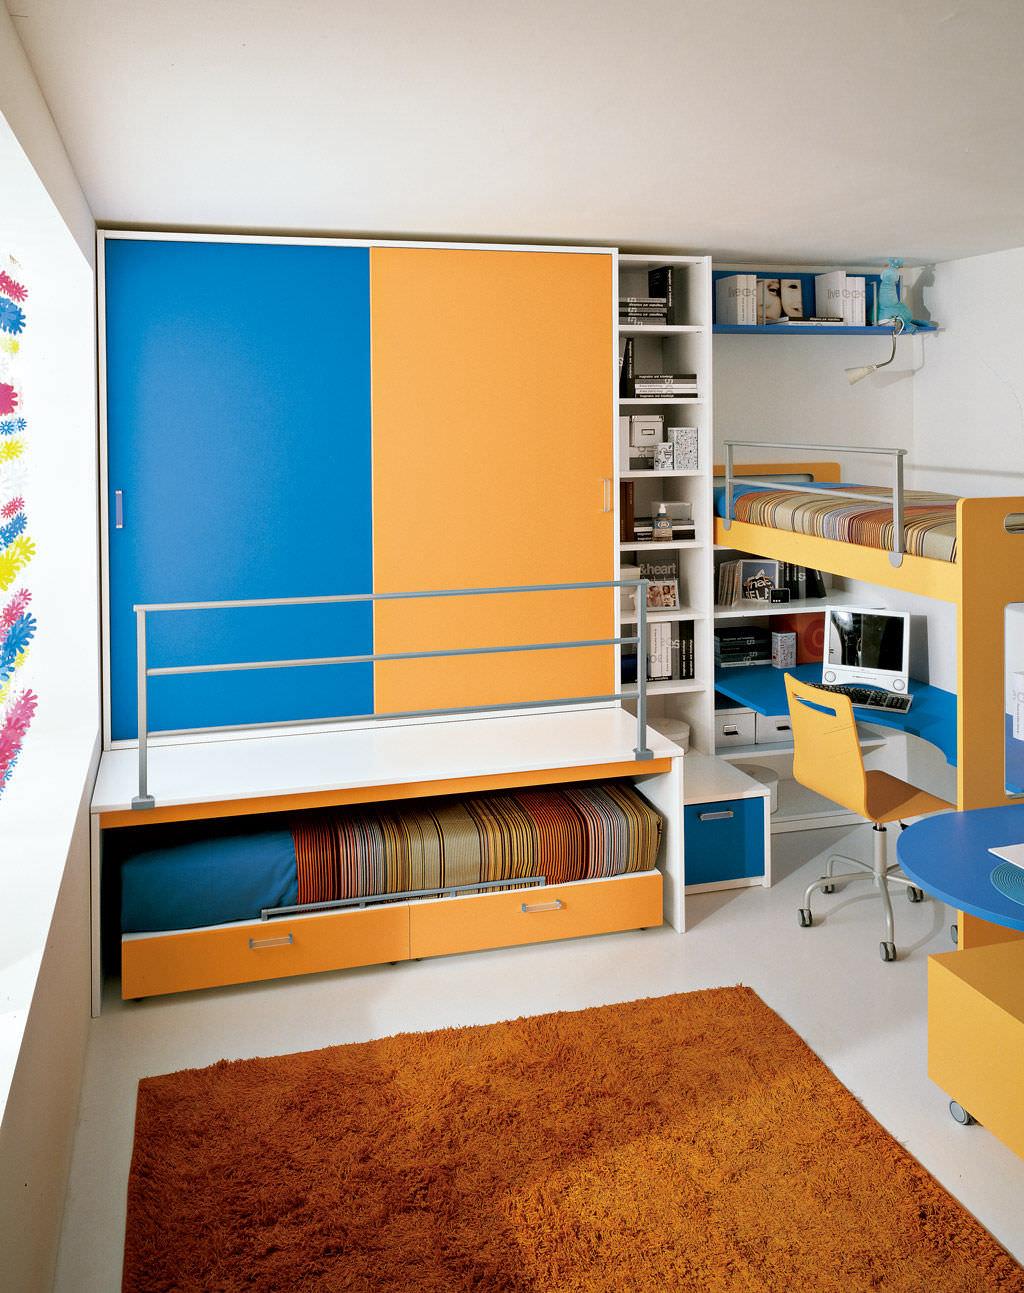 Habitación para niños azul / unisex - S.3 - Faer Ambienti